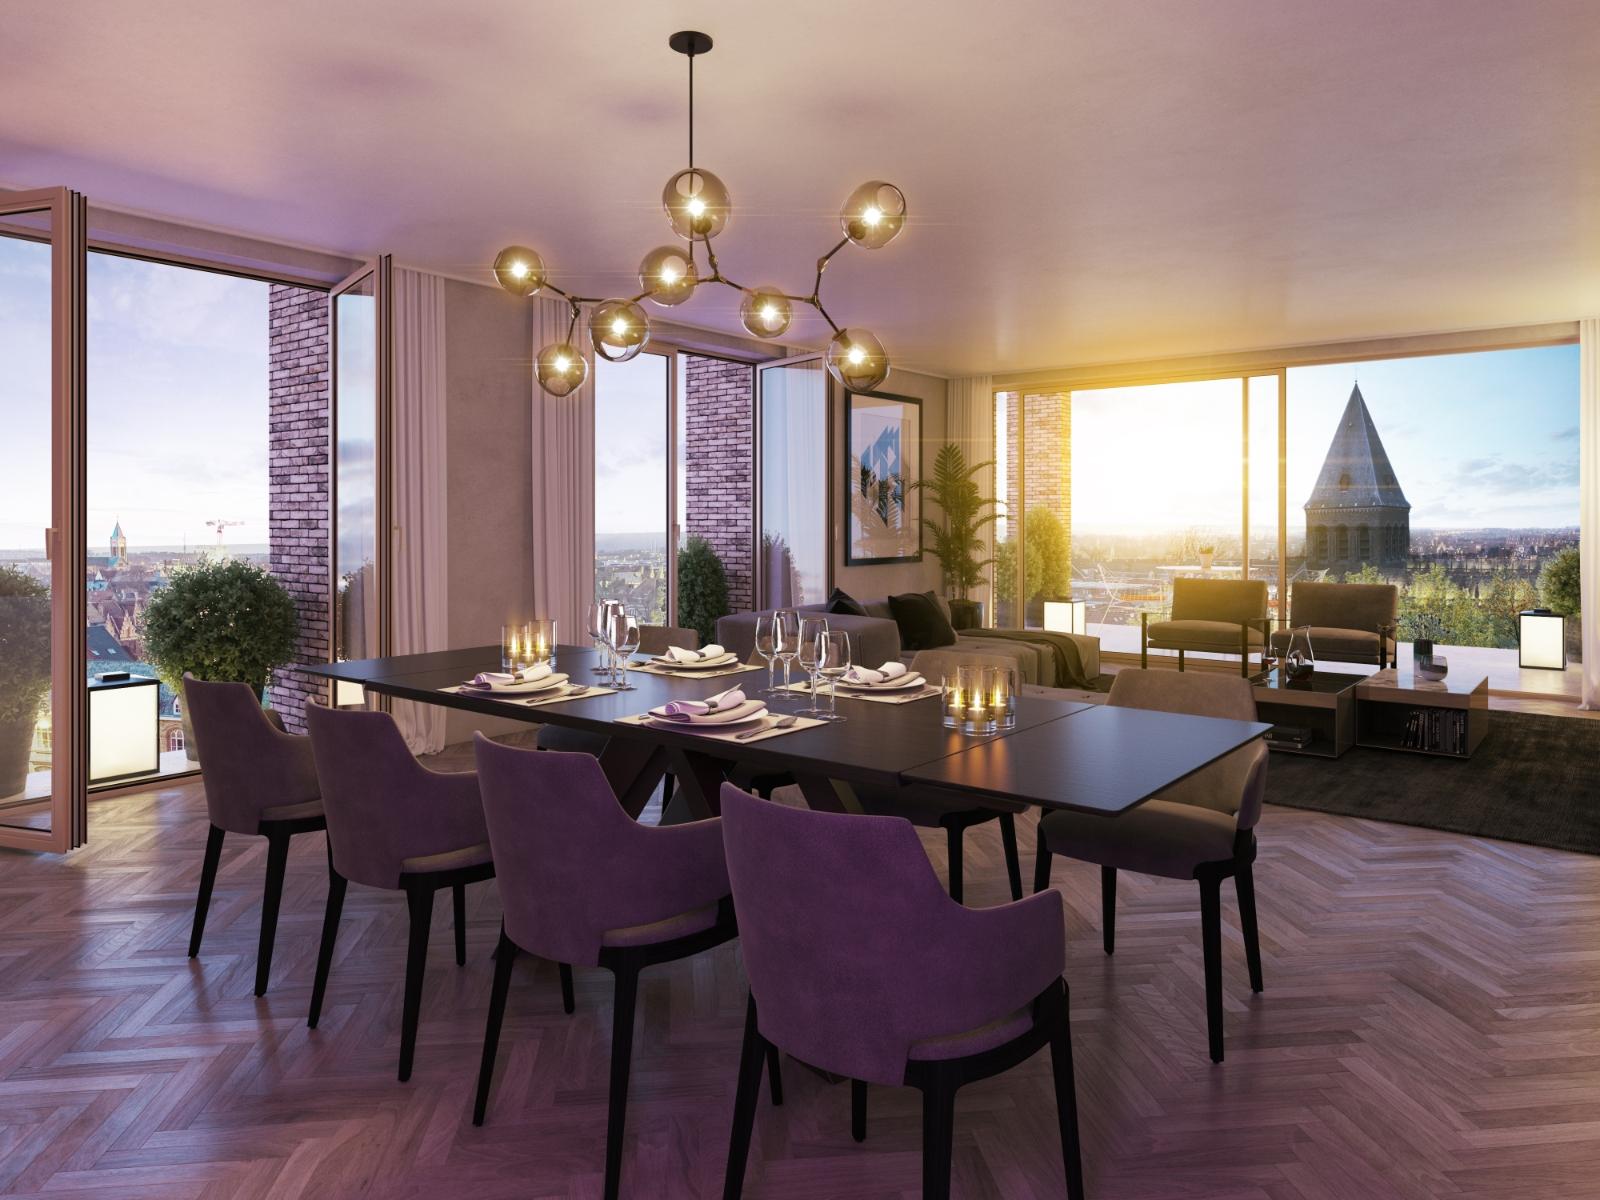 Residentie Pietershof: een unieke realisatie in het hartje van de stad - 4